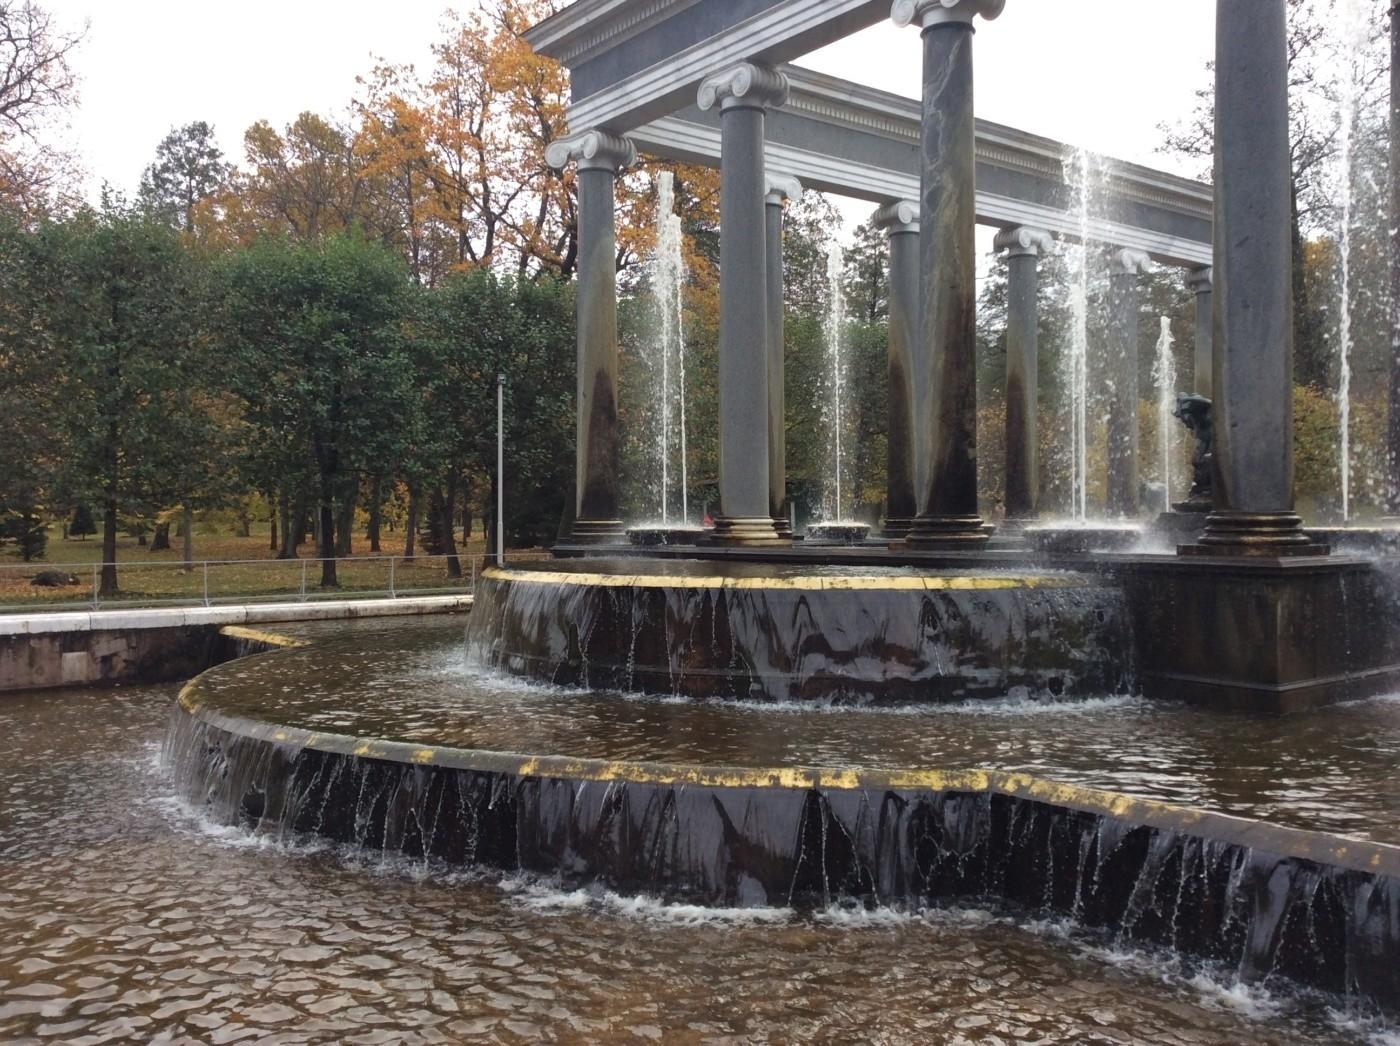 Львиный каскад. Нижний парк. Петергоф